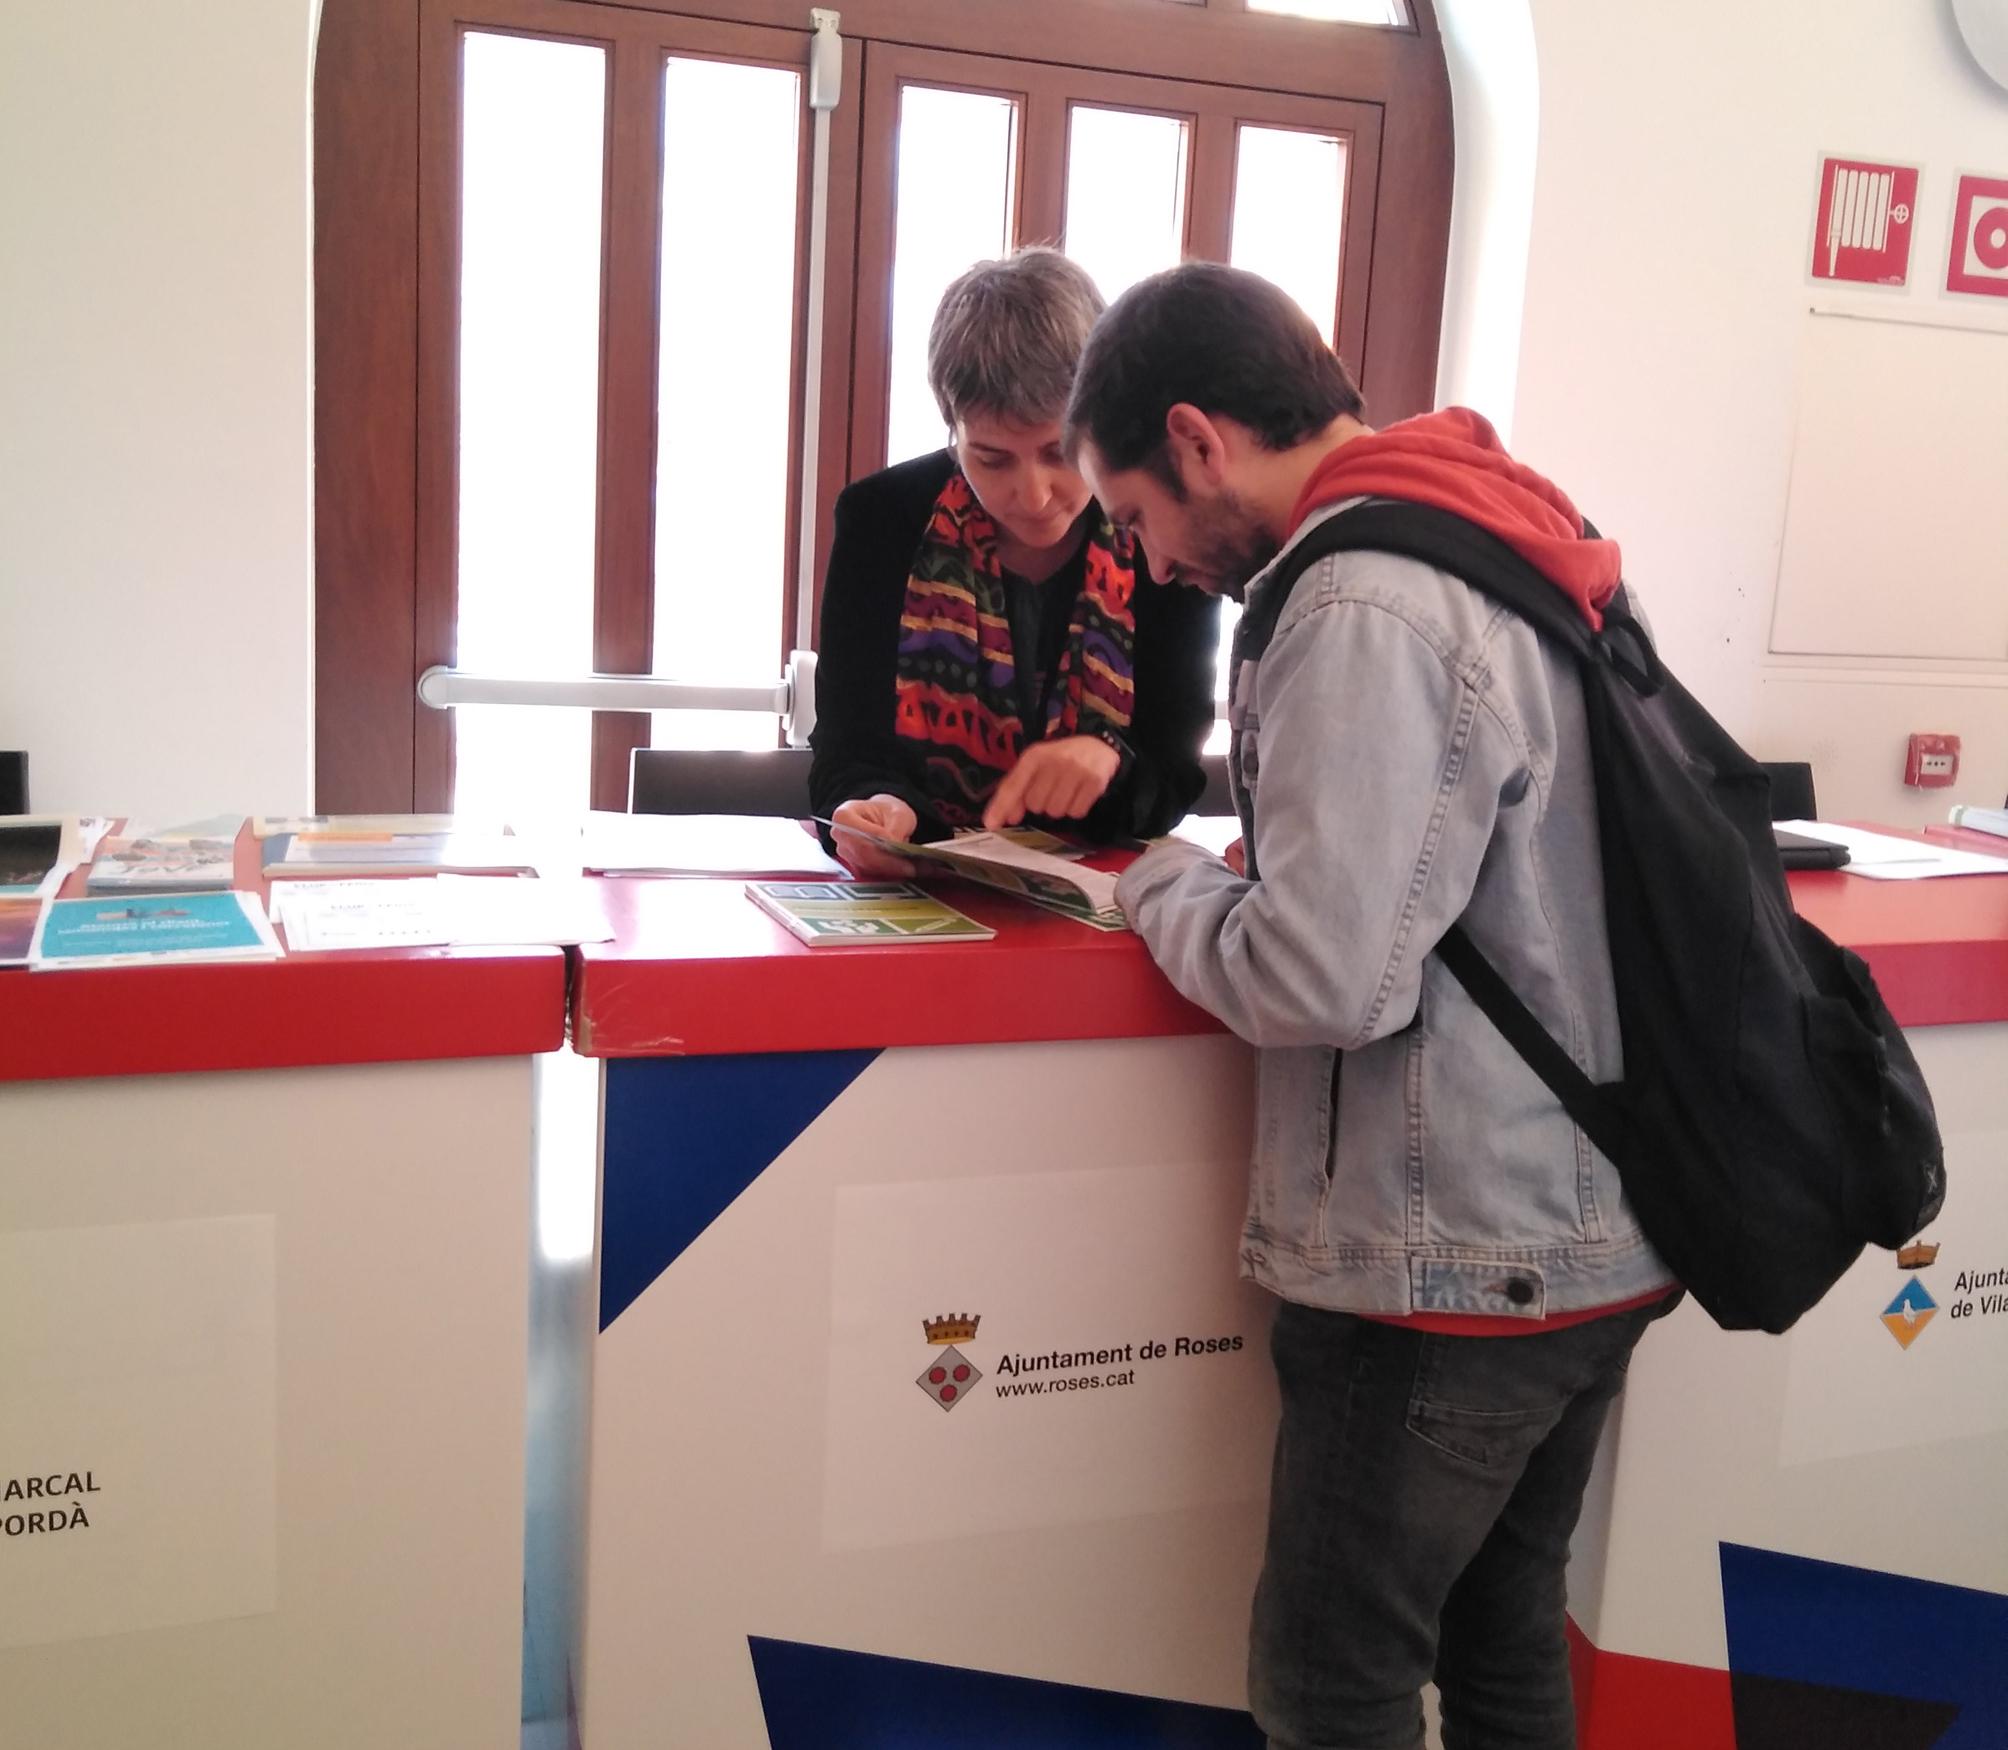 378 joves i 300 majors de 45 anys han participat a la Fira d'Ocupació Alt Empordà. TreballemGI.